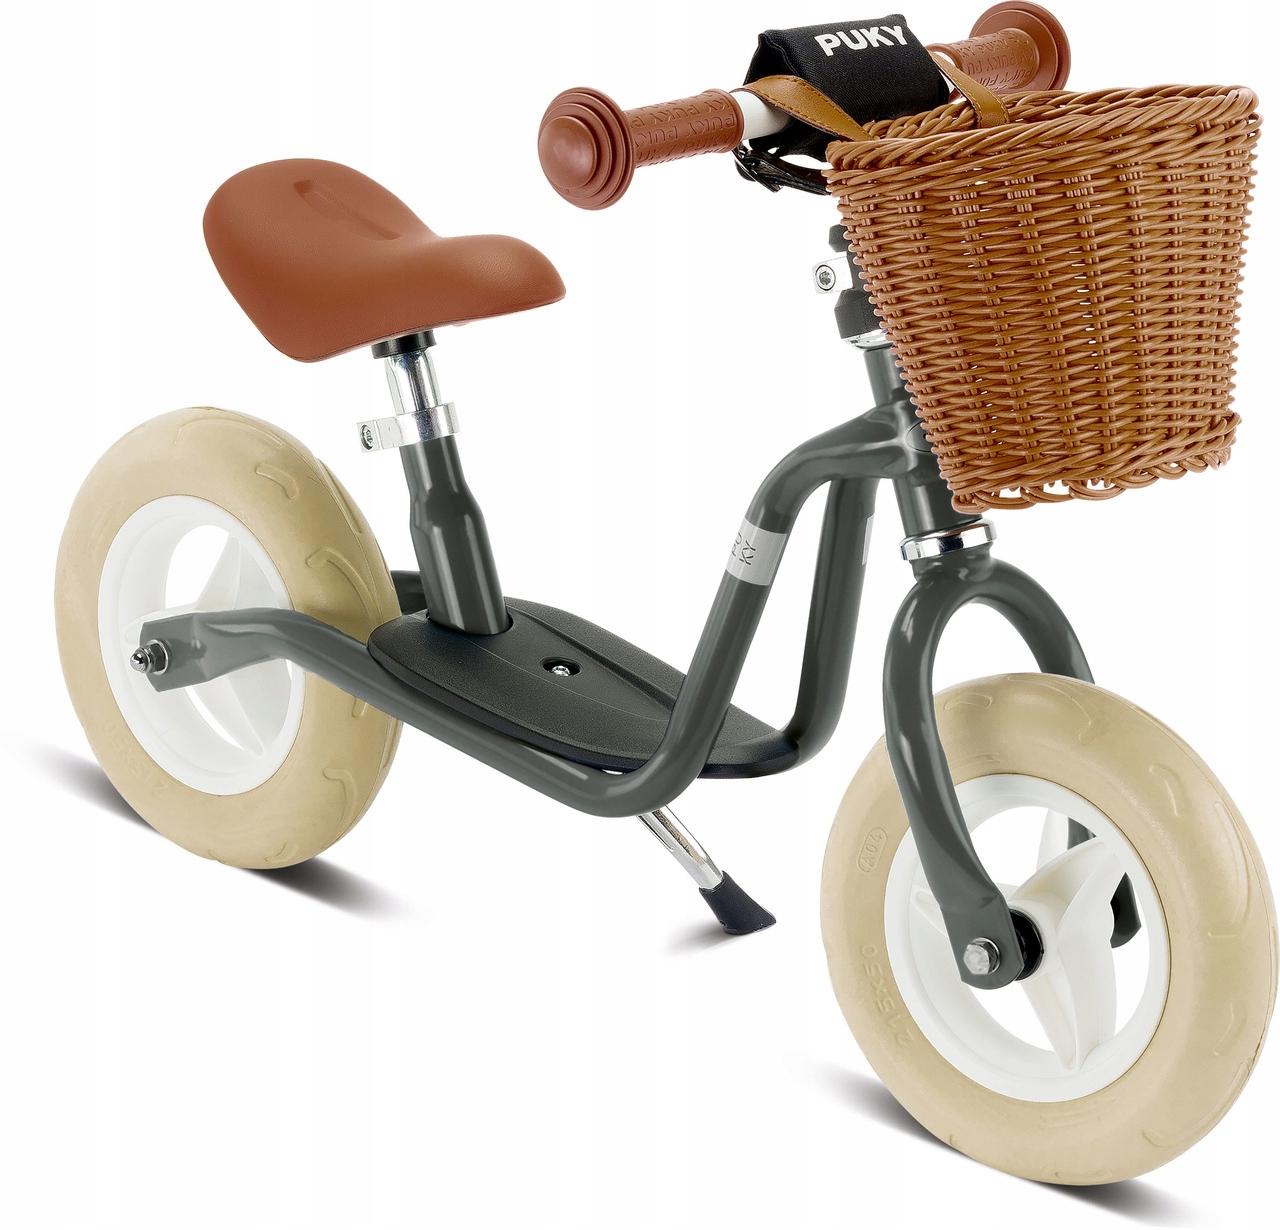 Rowerek biegowy PUKY LR M antracyt koszyk 3099